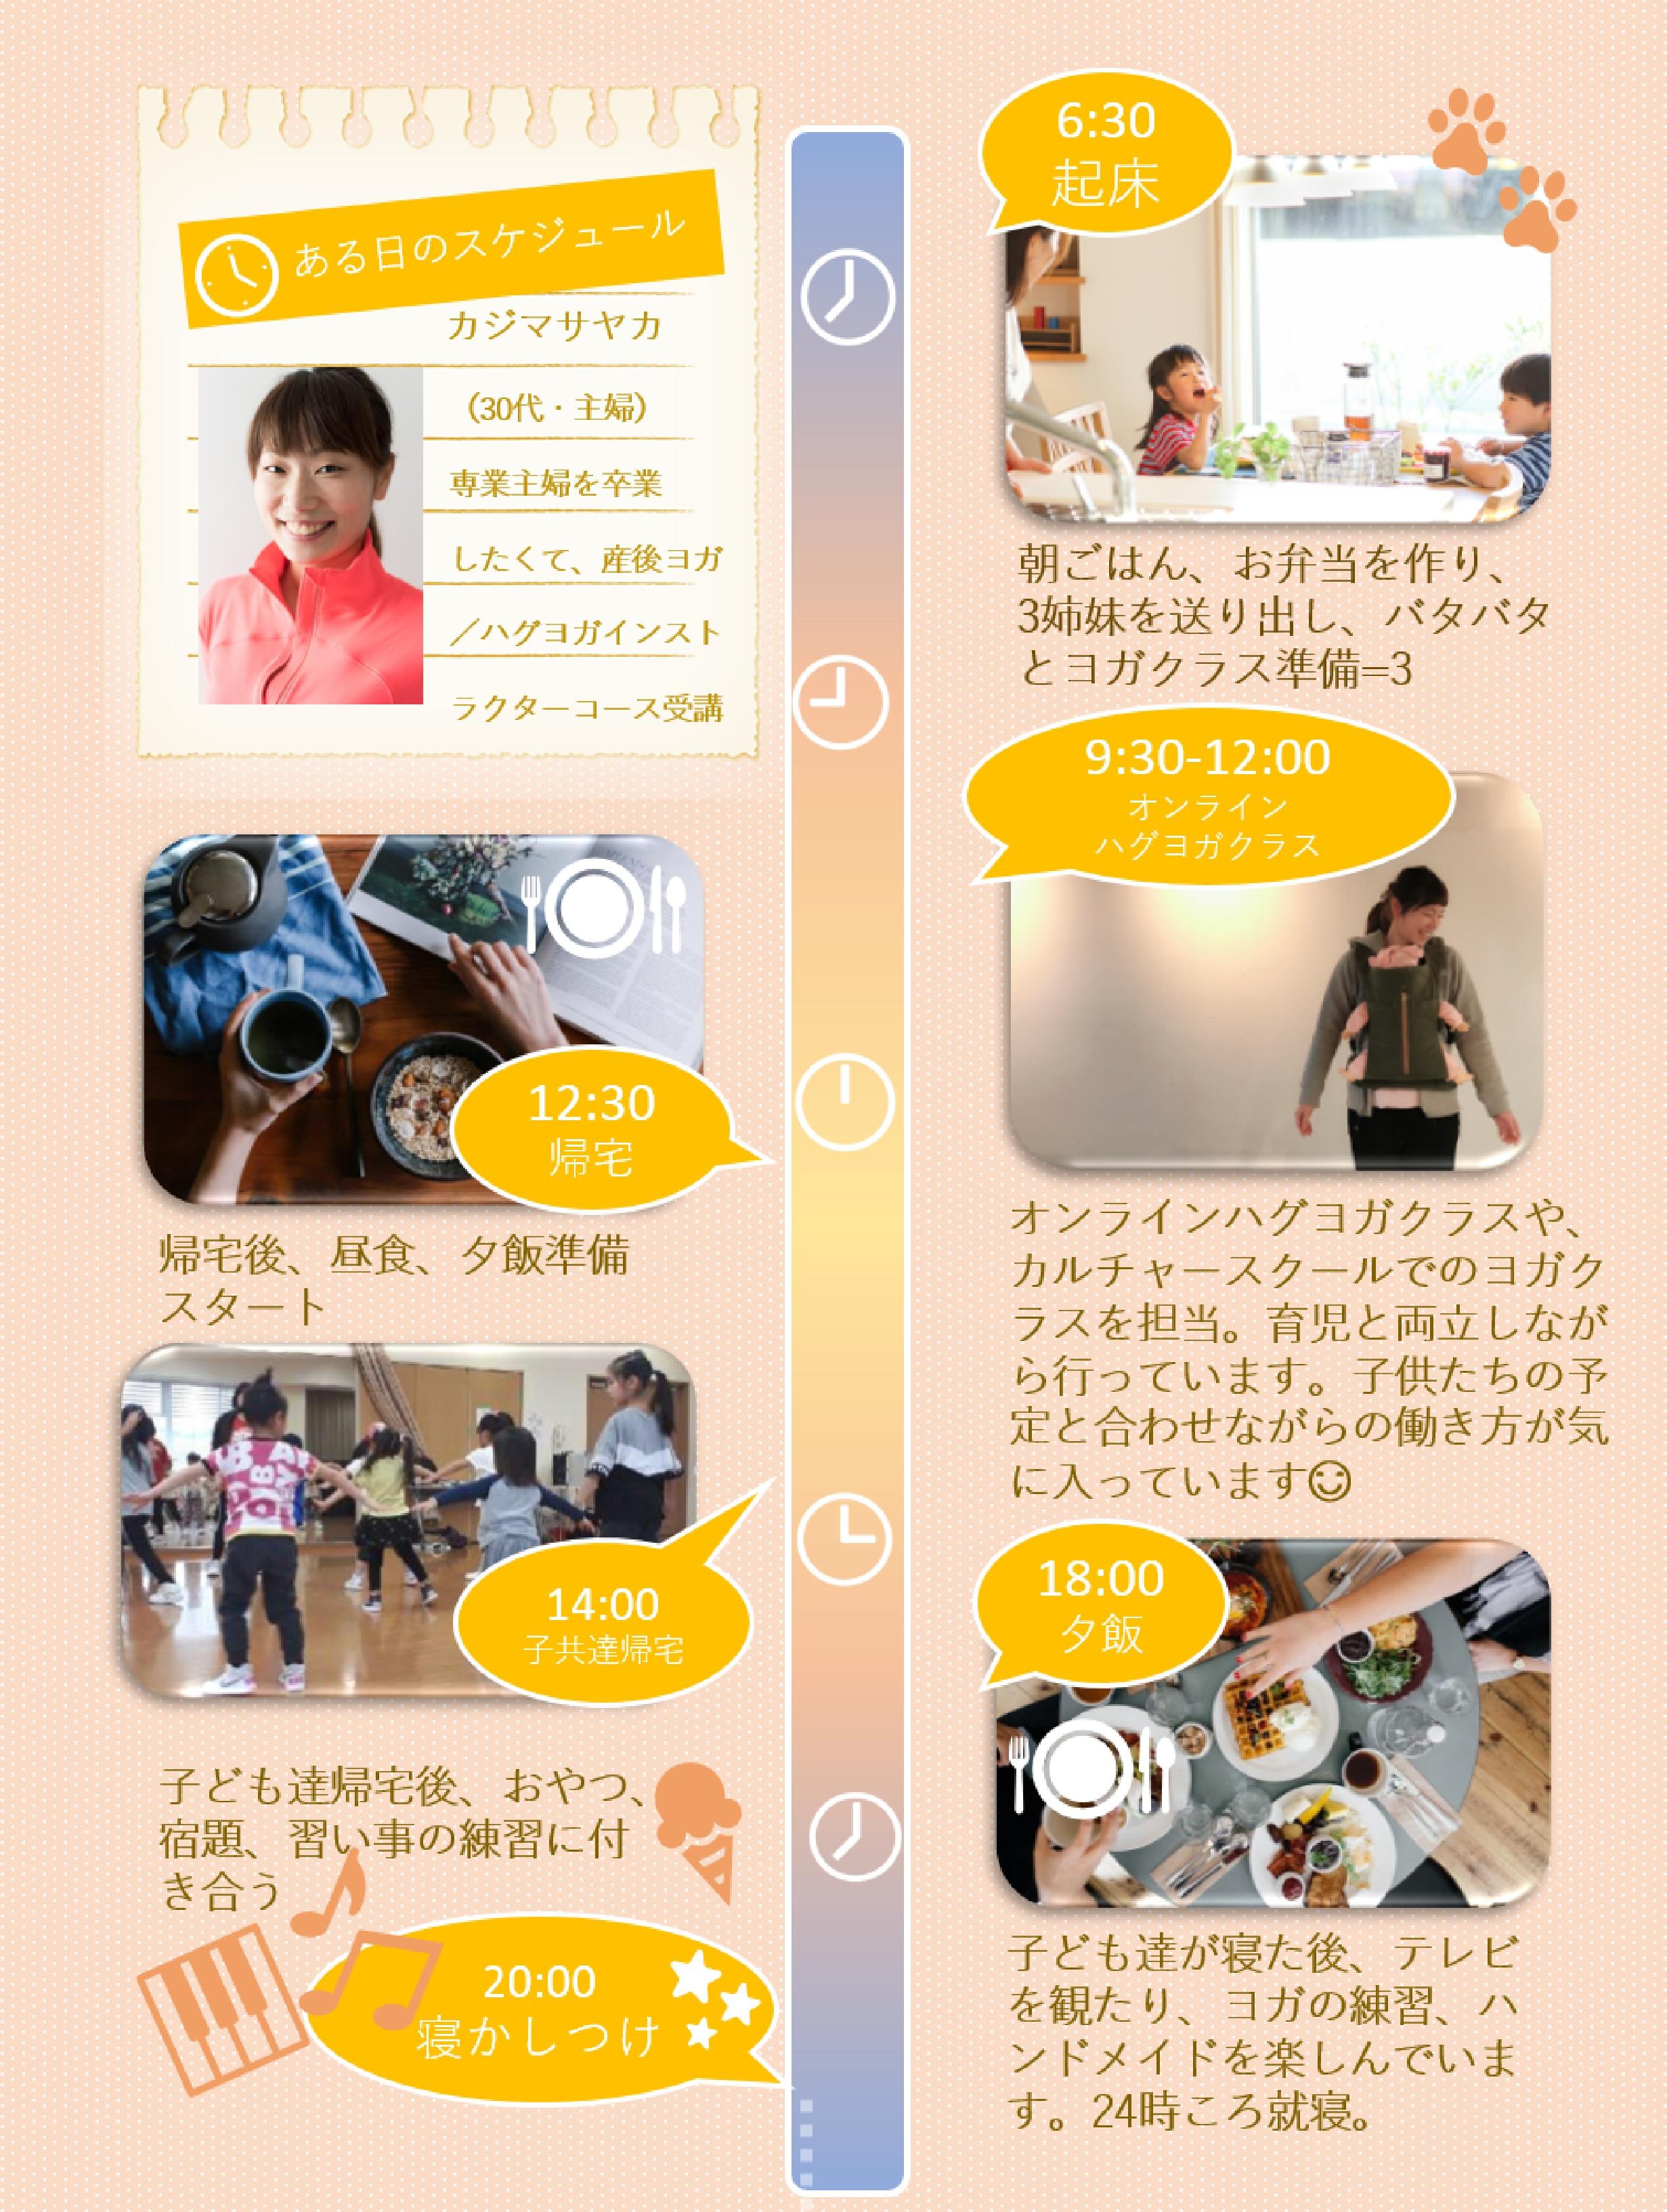 さやかちゃん1日のスケジュール.jpg